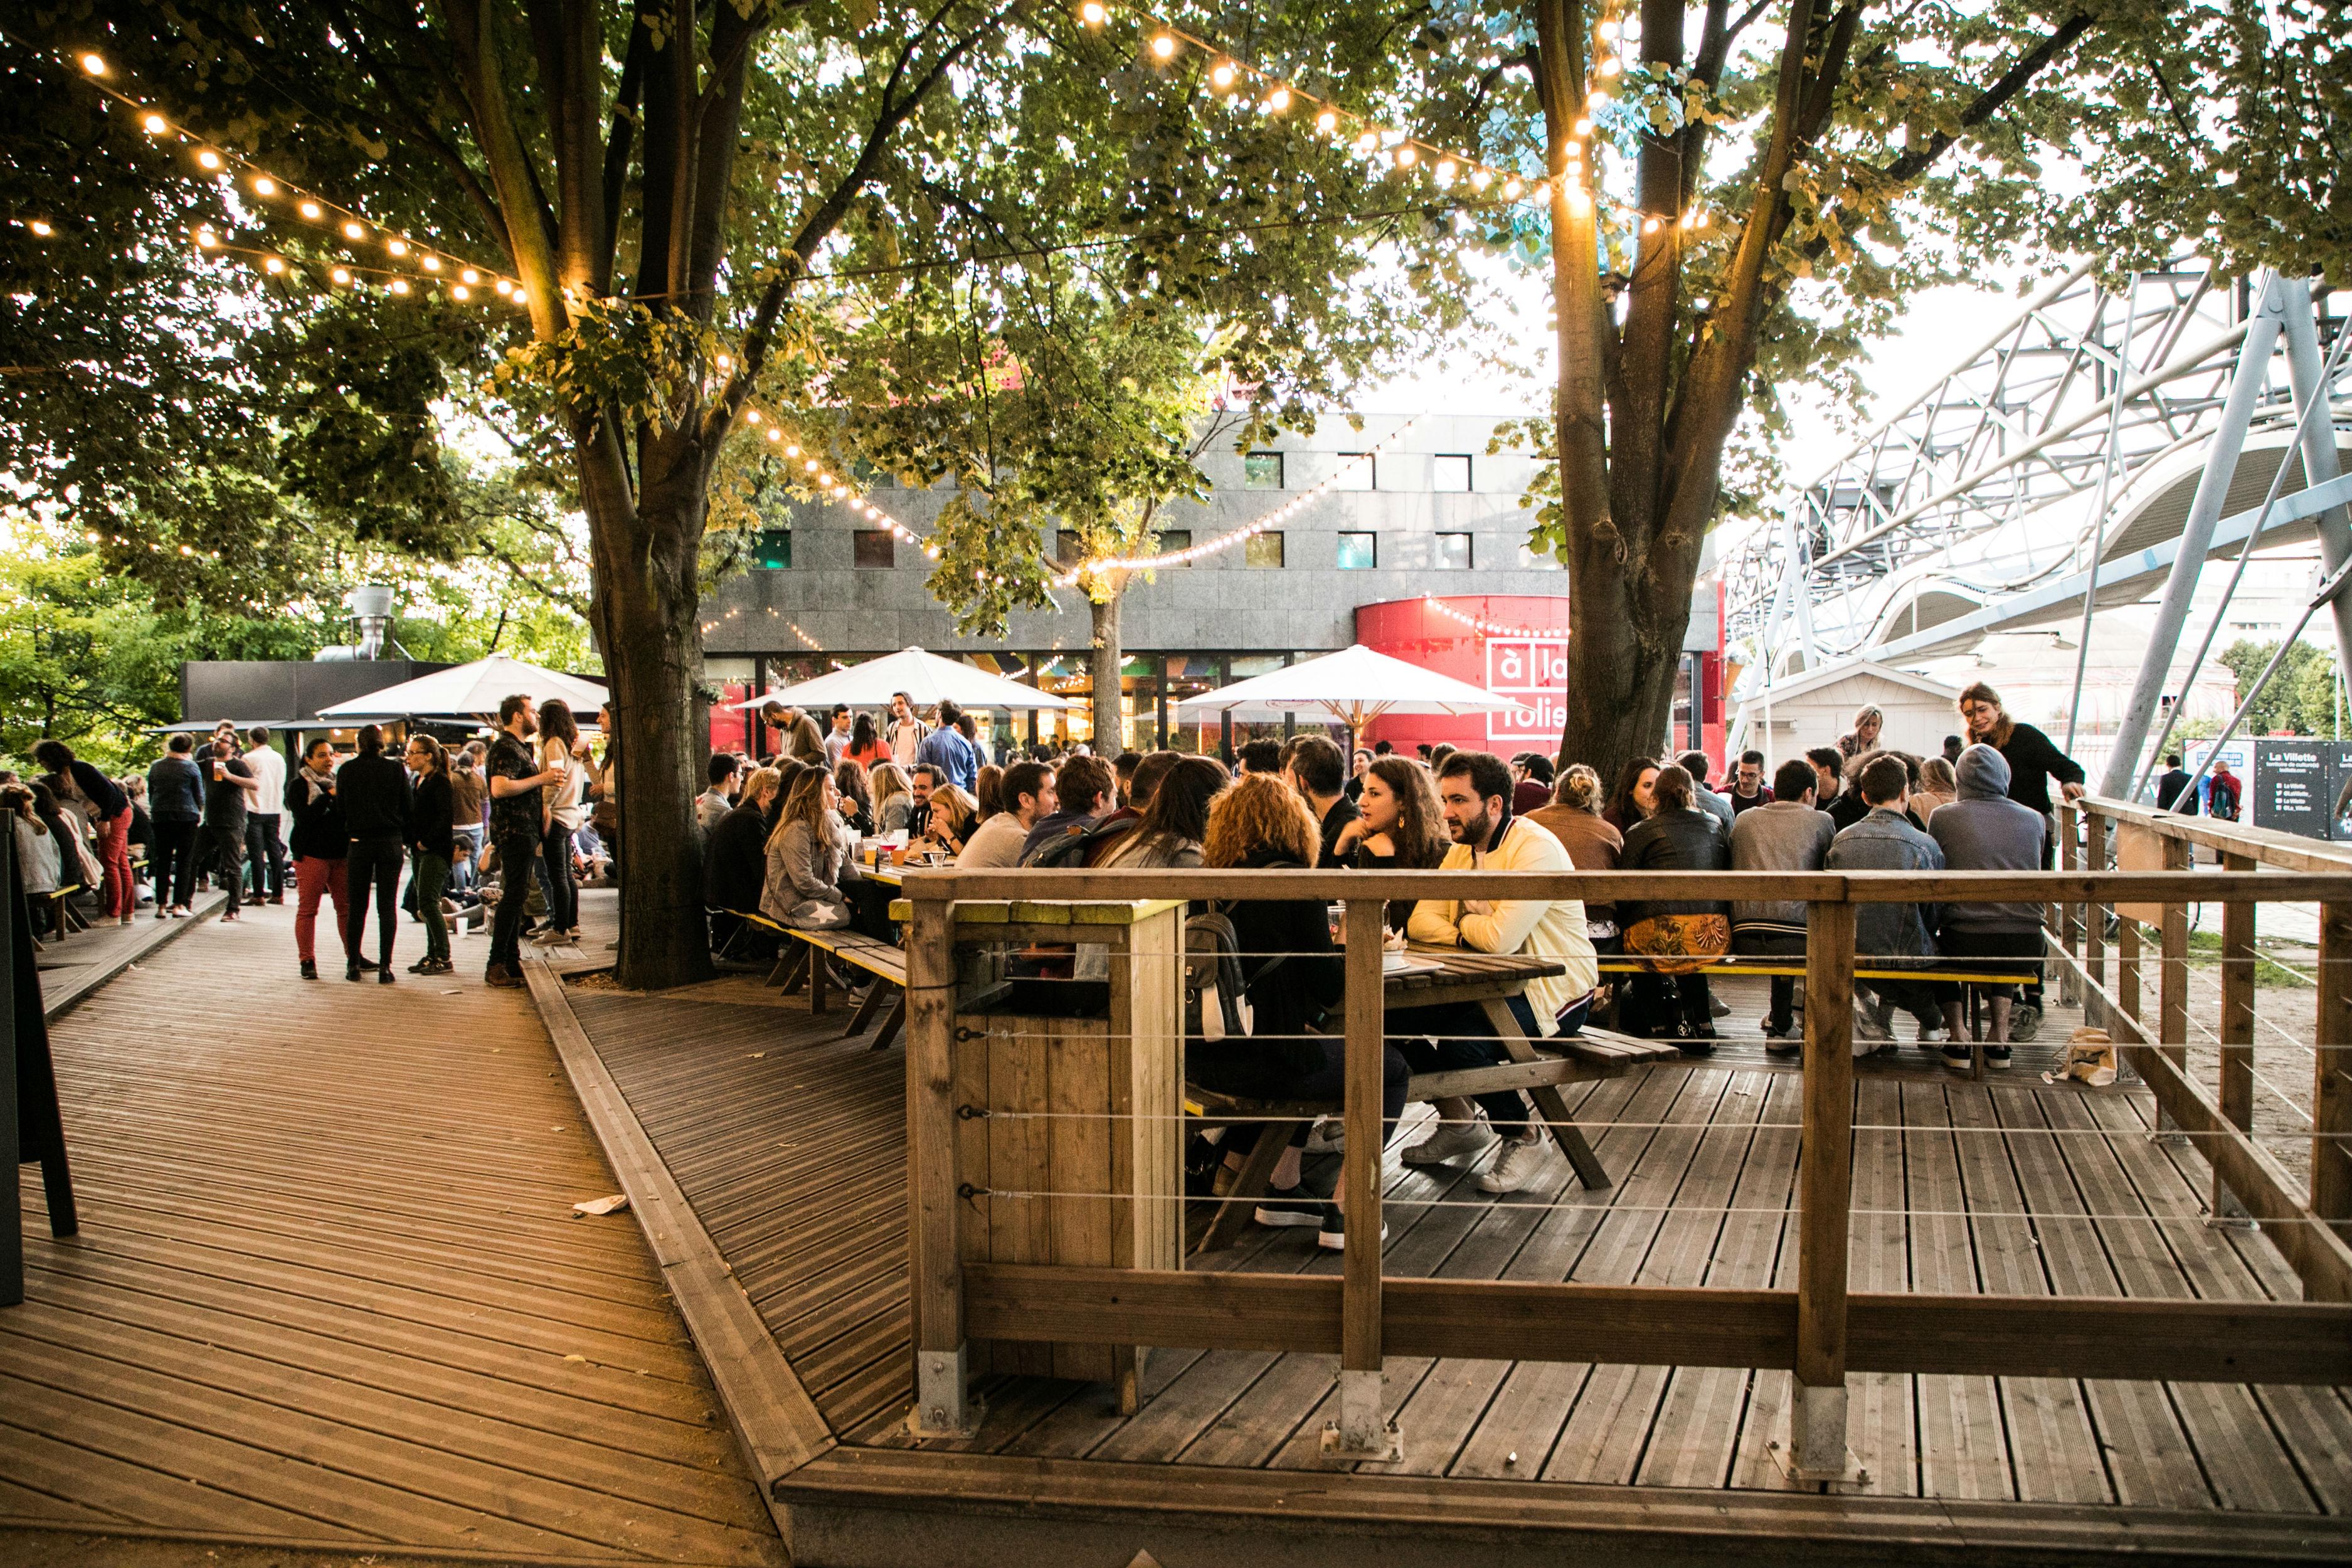 Gastro-guinguette, lieu de vie, musique, pique-nique et barbecue – situé dans le parc de la Villette, ce lieu étonnant vous accueille pour manger et se divertir